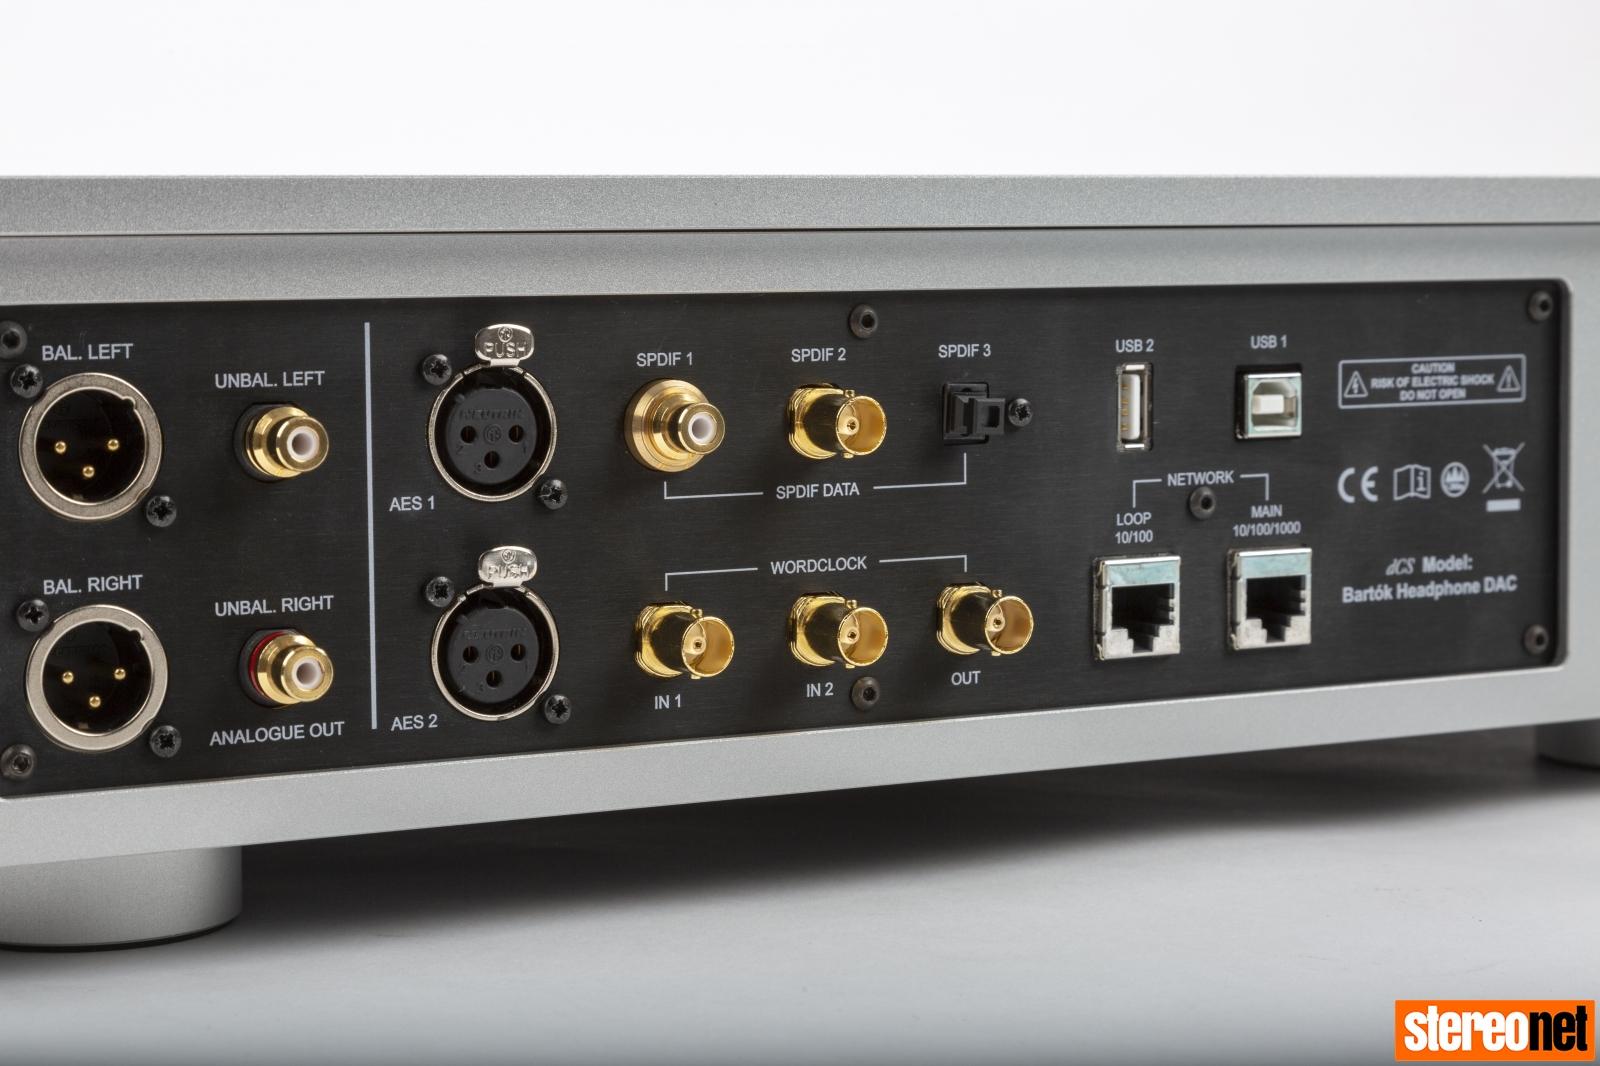 dCS Bartok connectivity panel rear